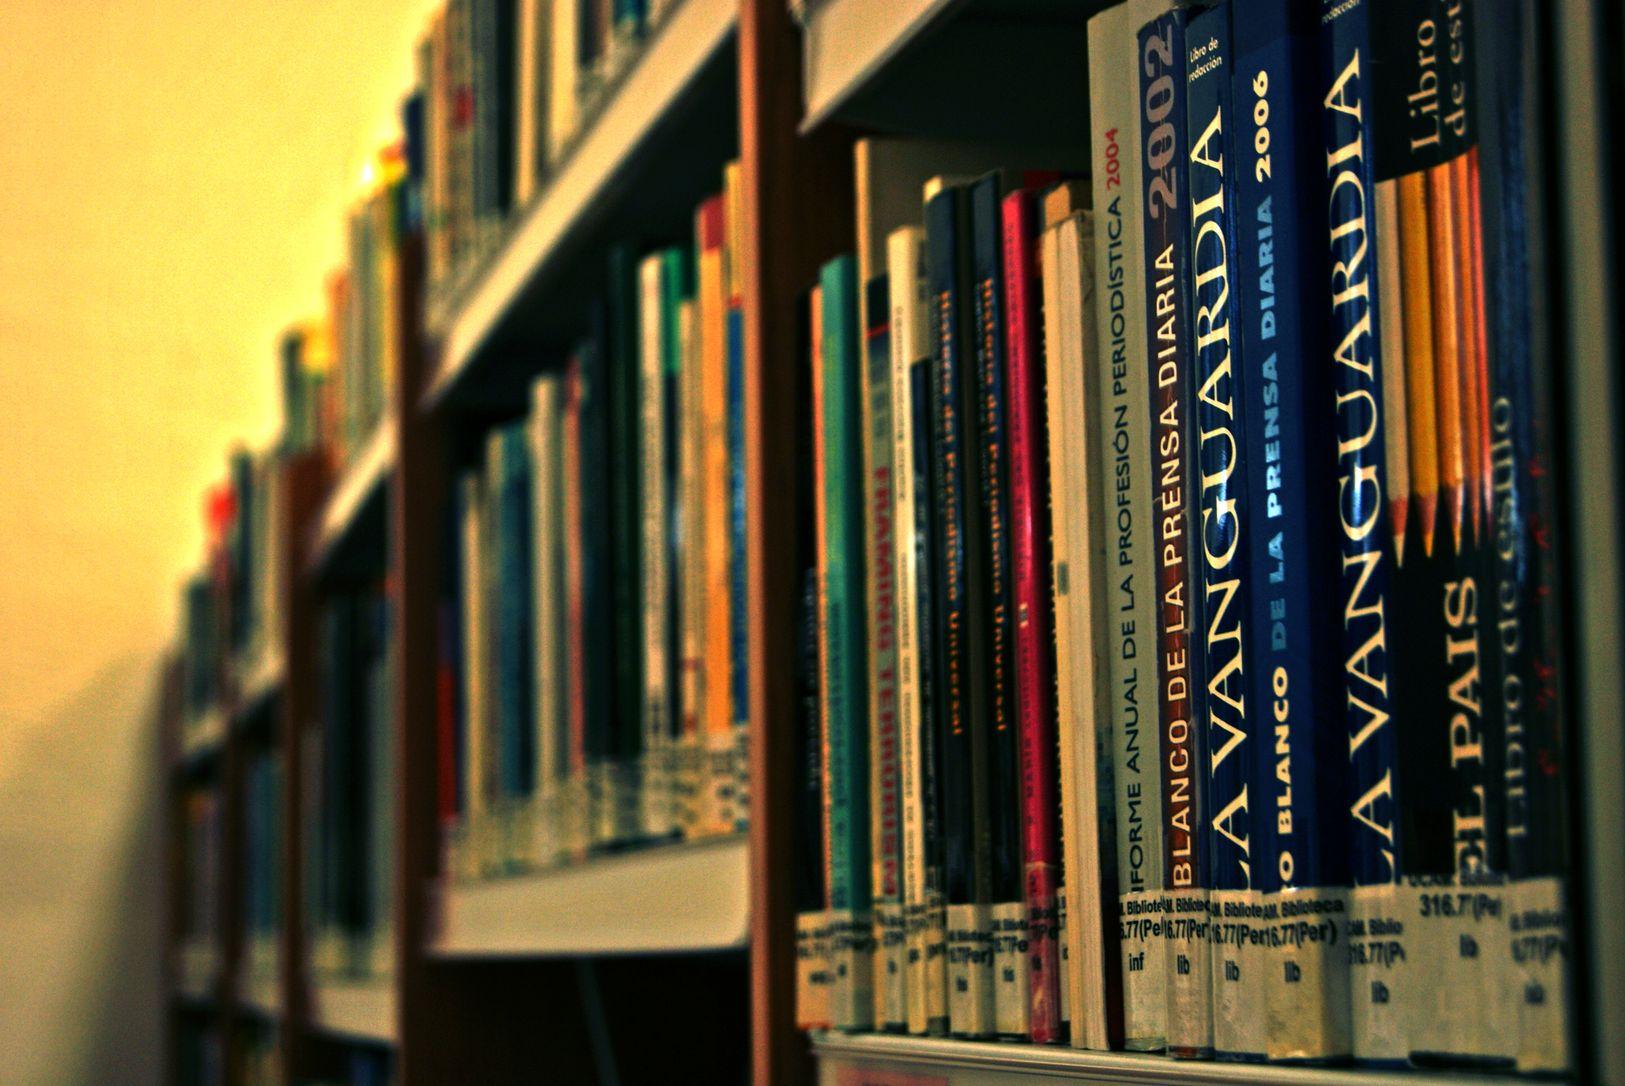 Biblioteca (1)_result.jpg